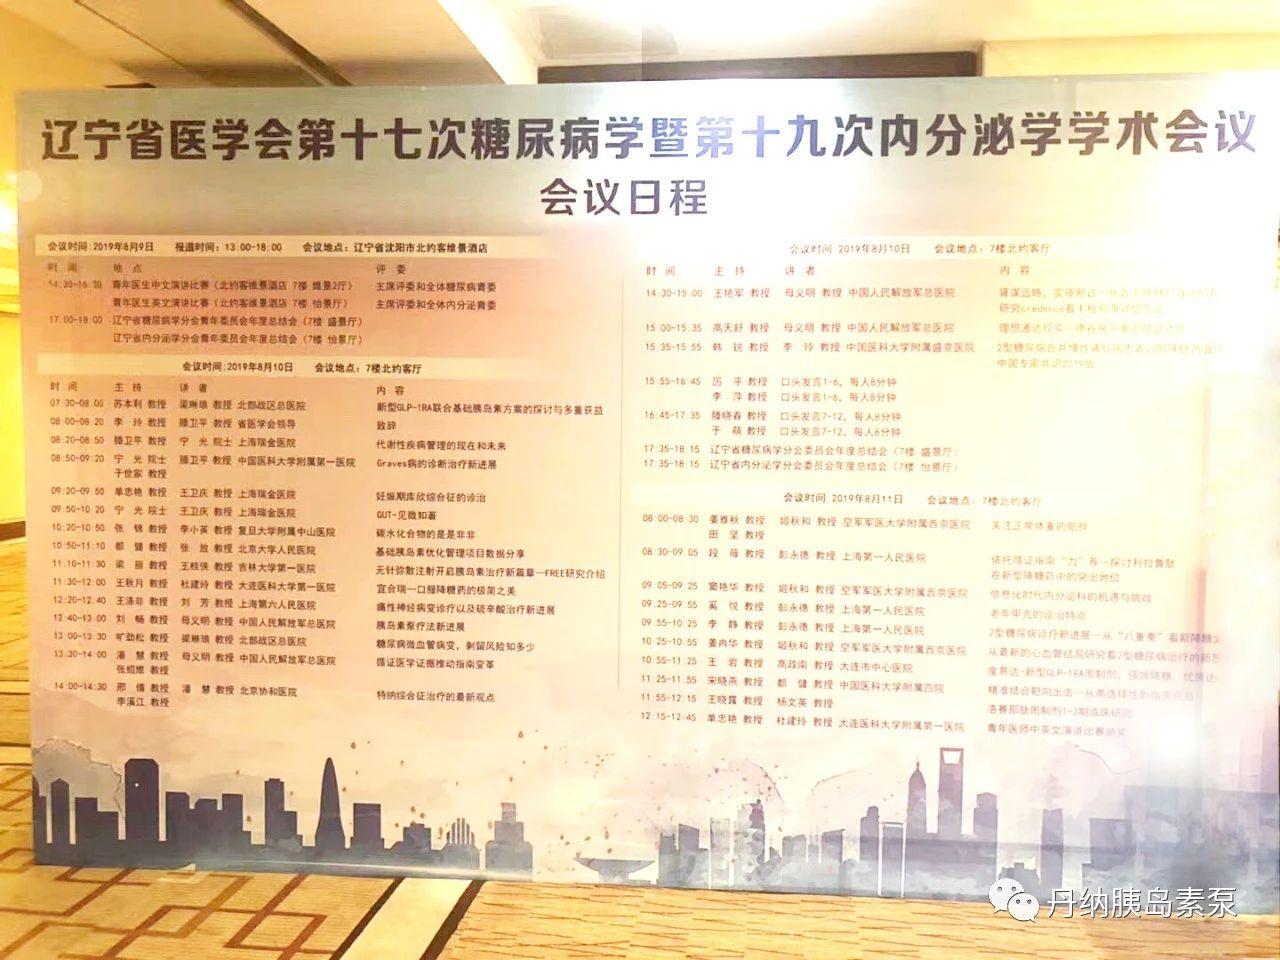 辽宁省糖尿病年会精彩回顾:七月流火,八月未央,丹纳泵再临东北